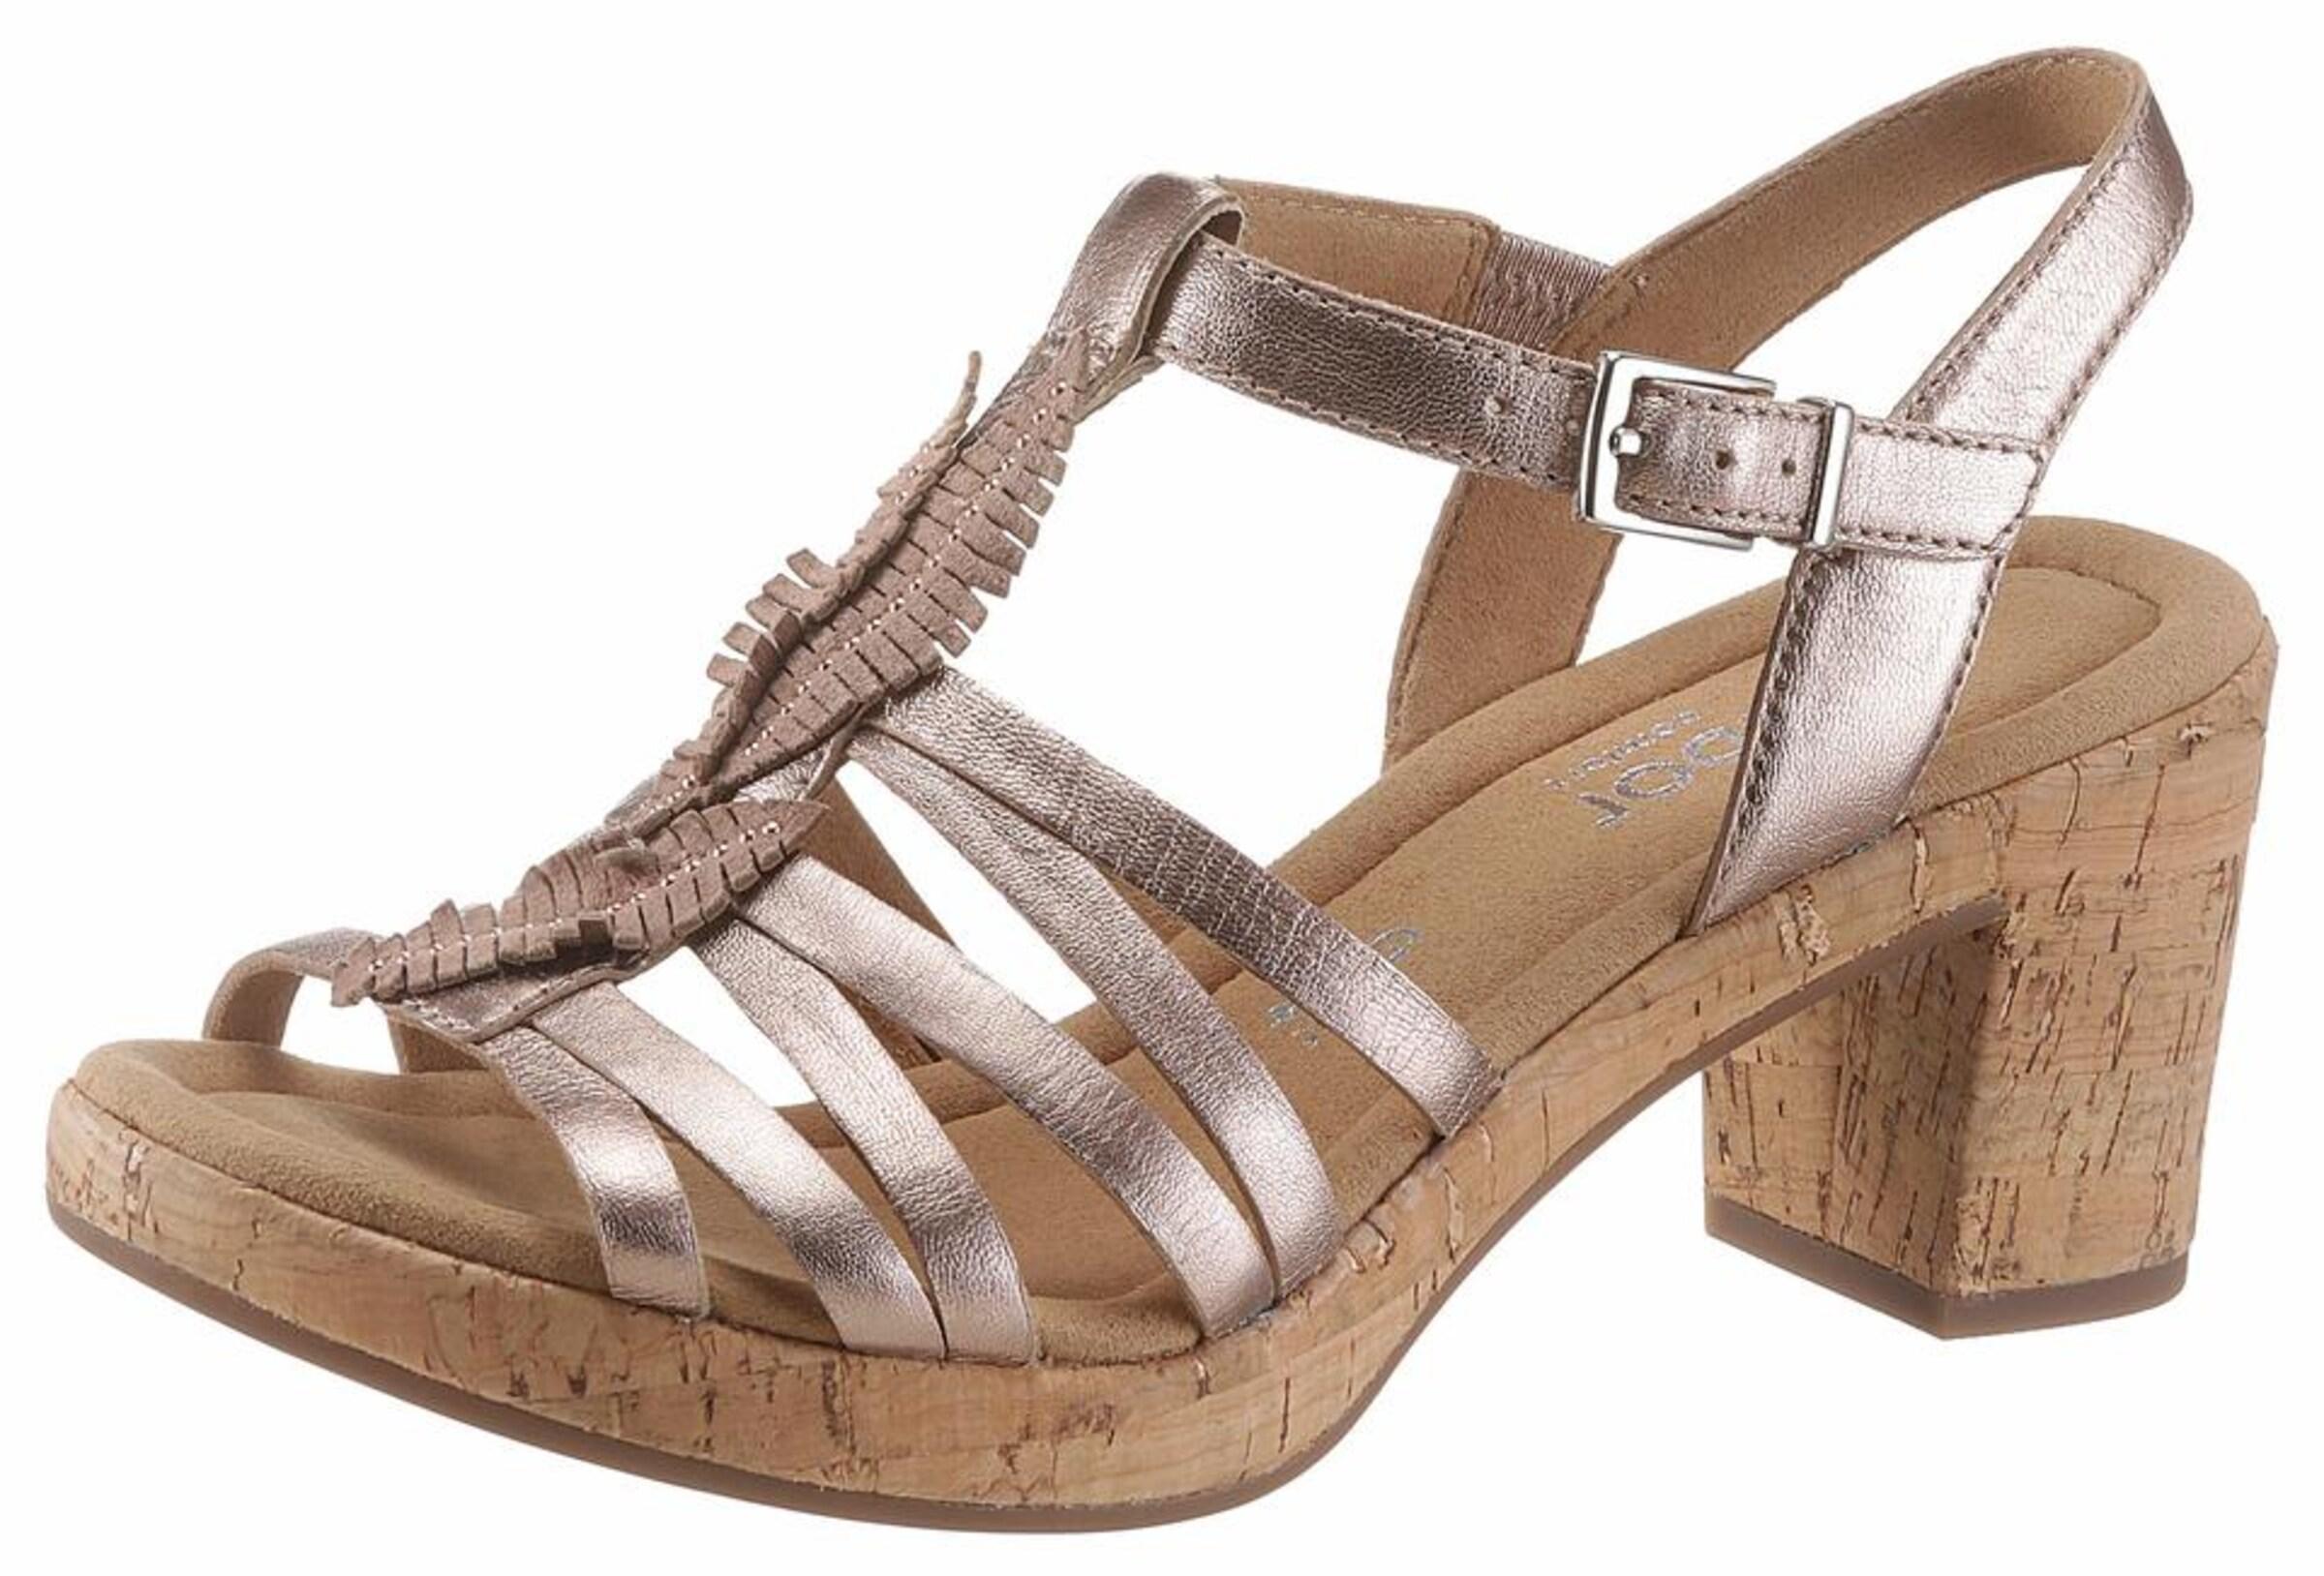 GABOR Sandalette Verschleißfeste billige Schuhe Hohe Qualität